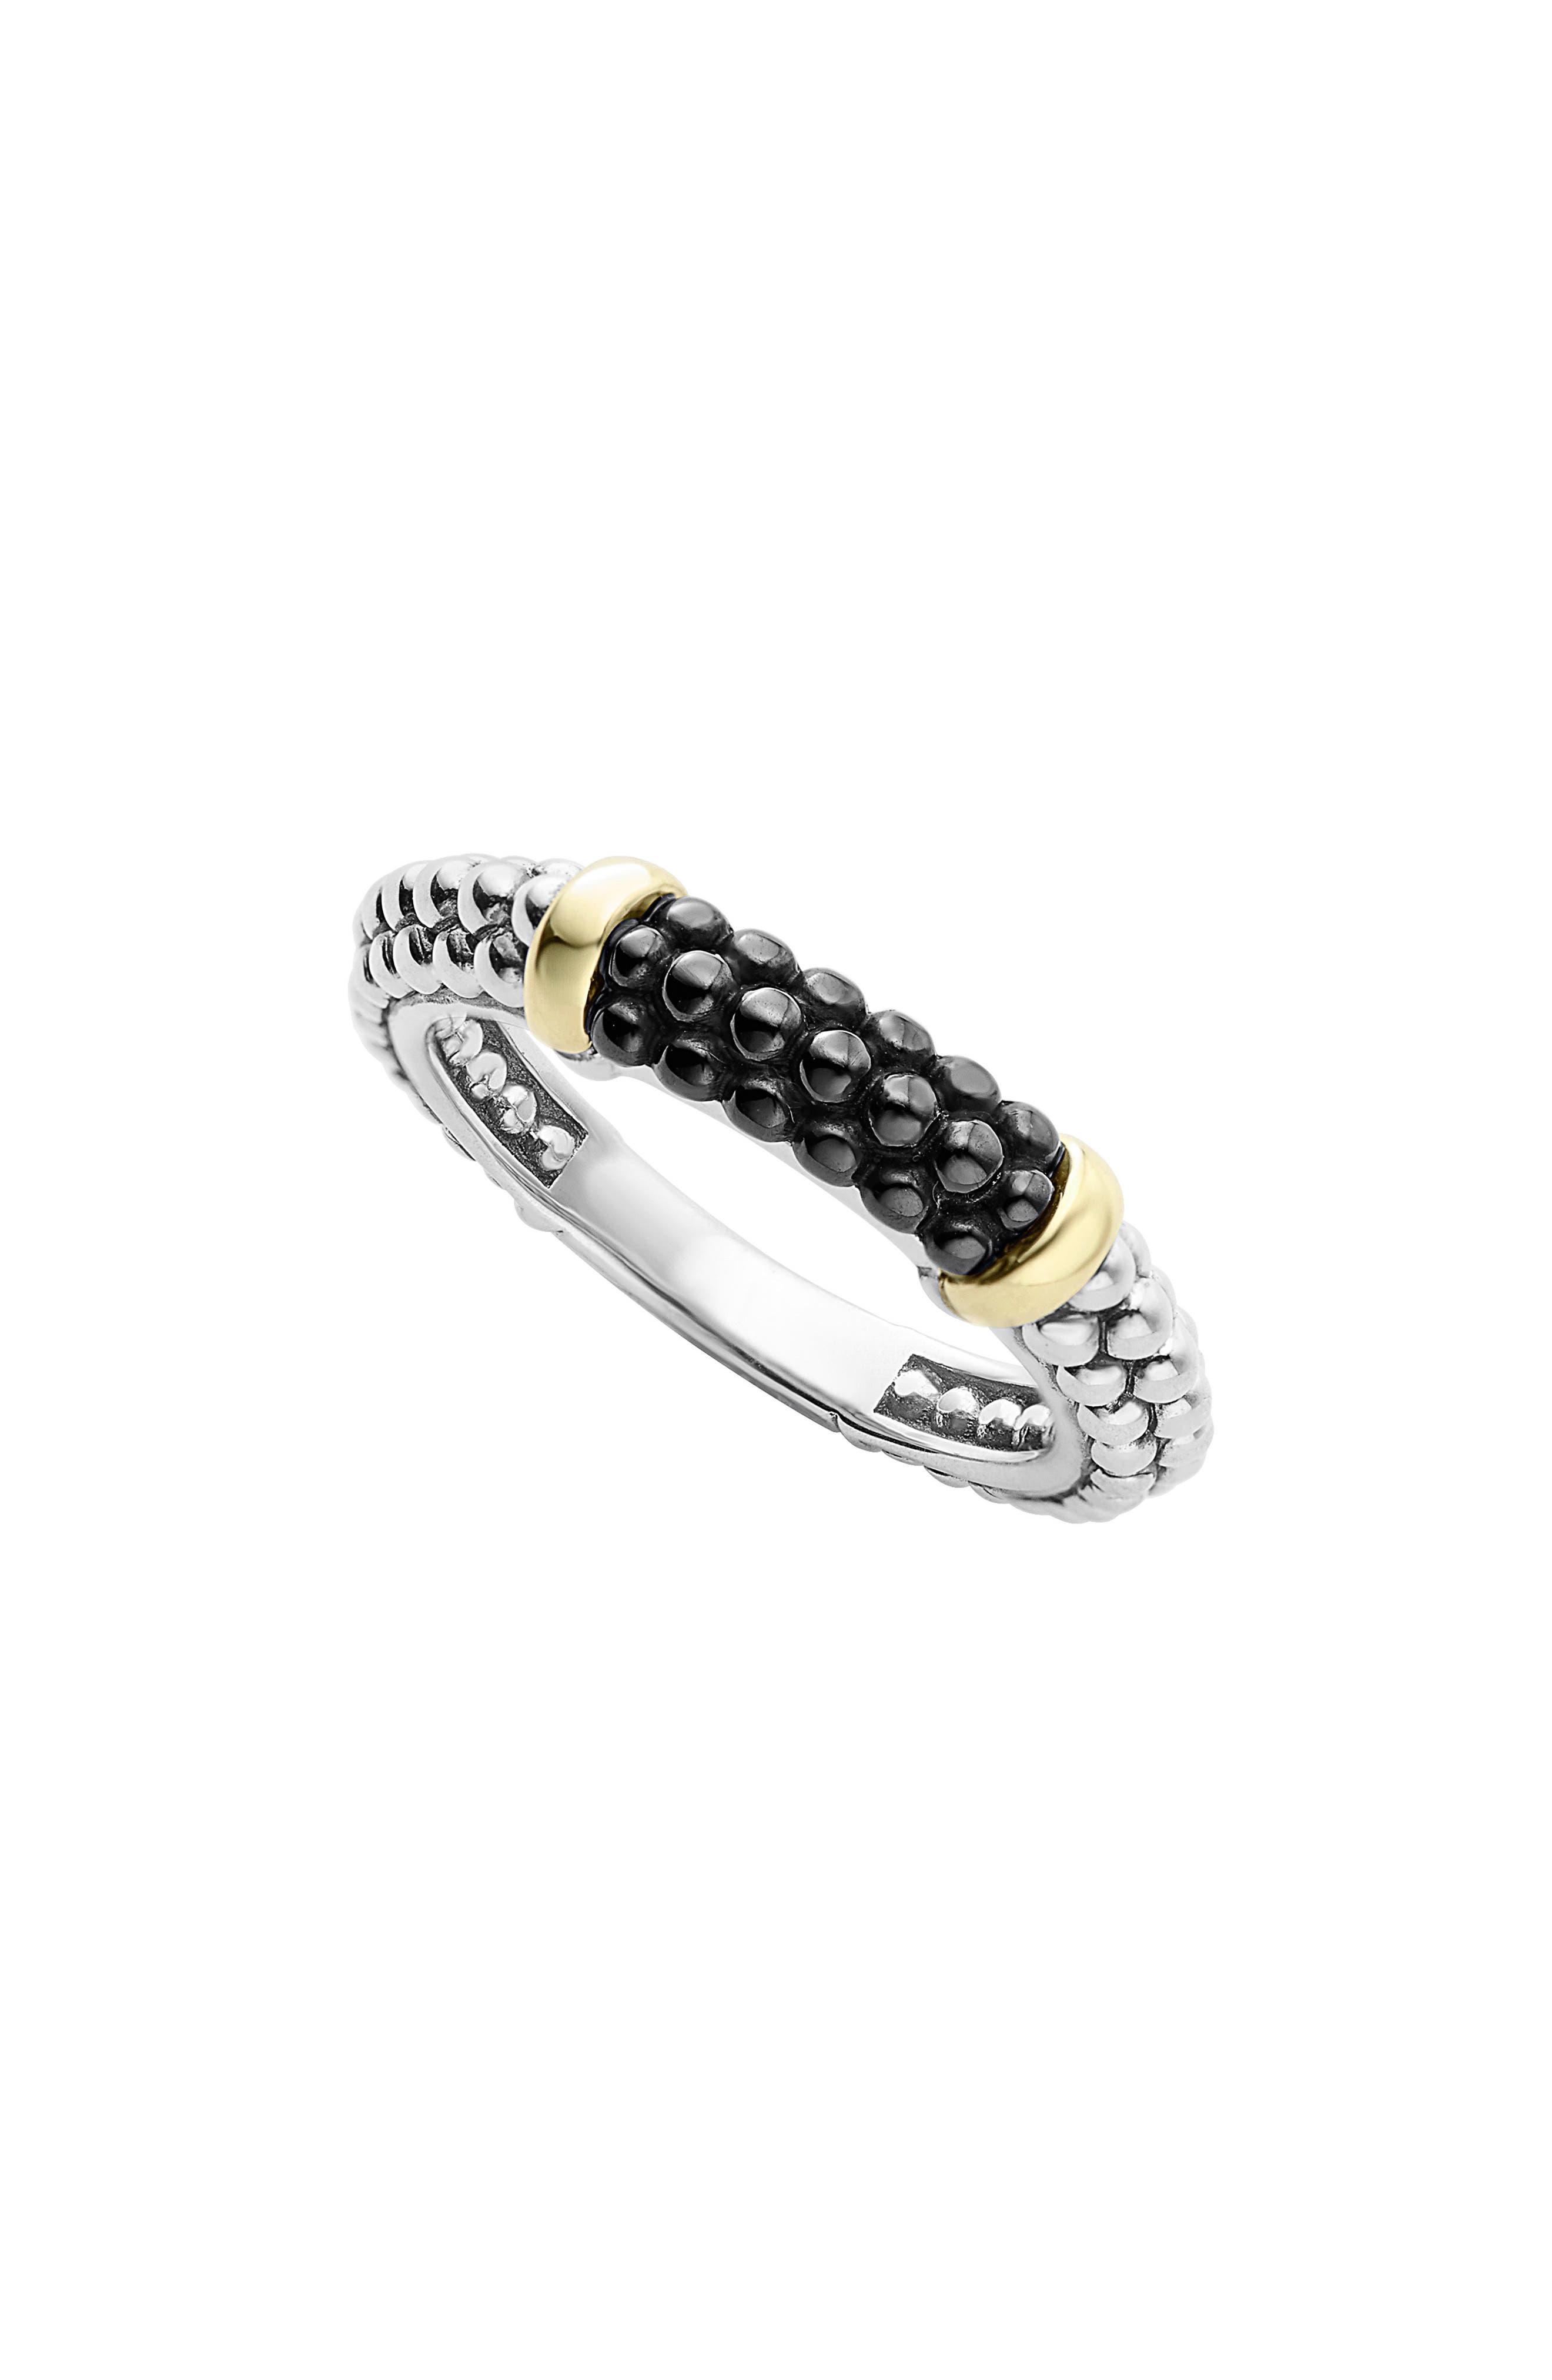 LAGOS 'Caviar' Stacking Ring